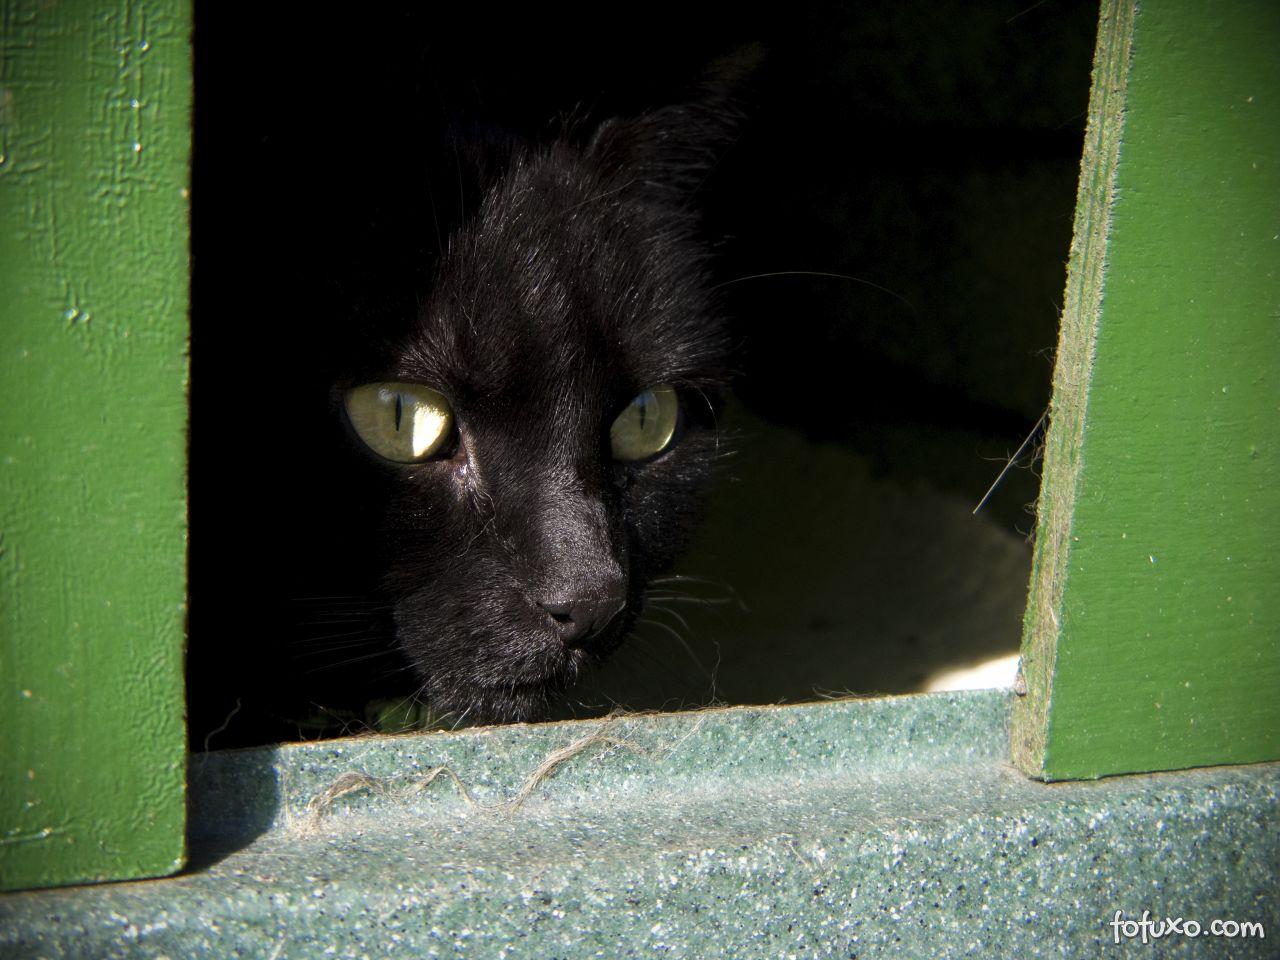 Gatos com medo devem ser tratados com associação de rotinas positivas.